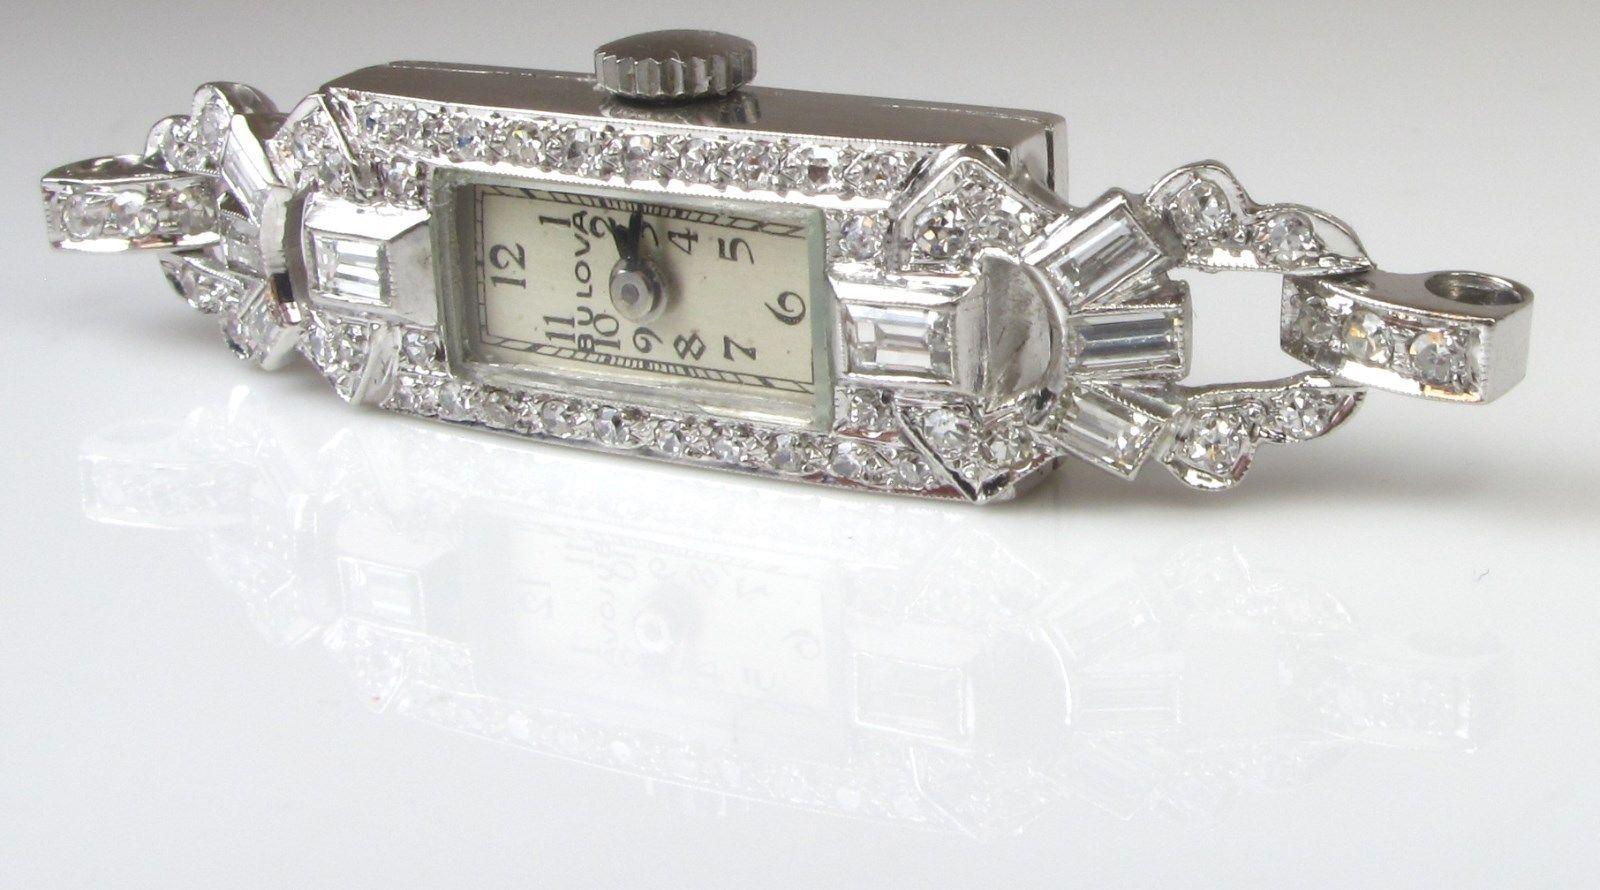 Antique Ladies Platinum Diamond Watch